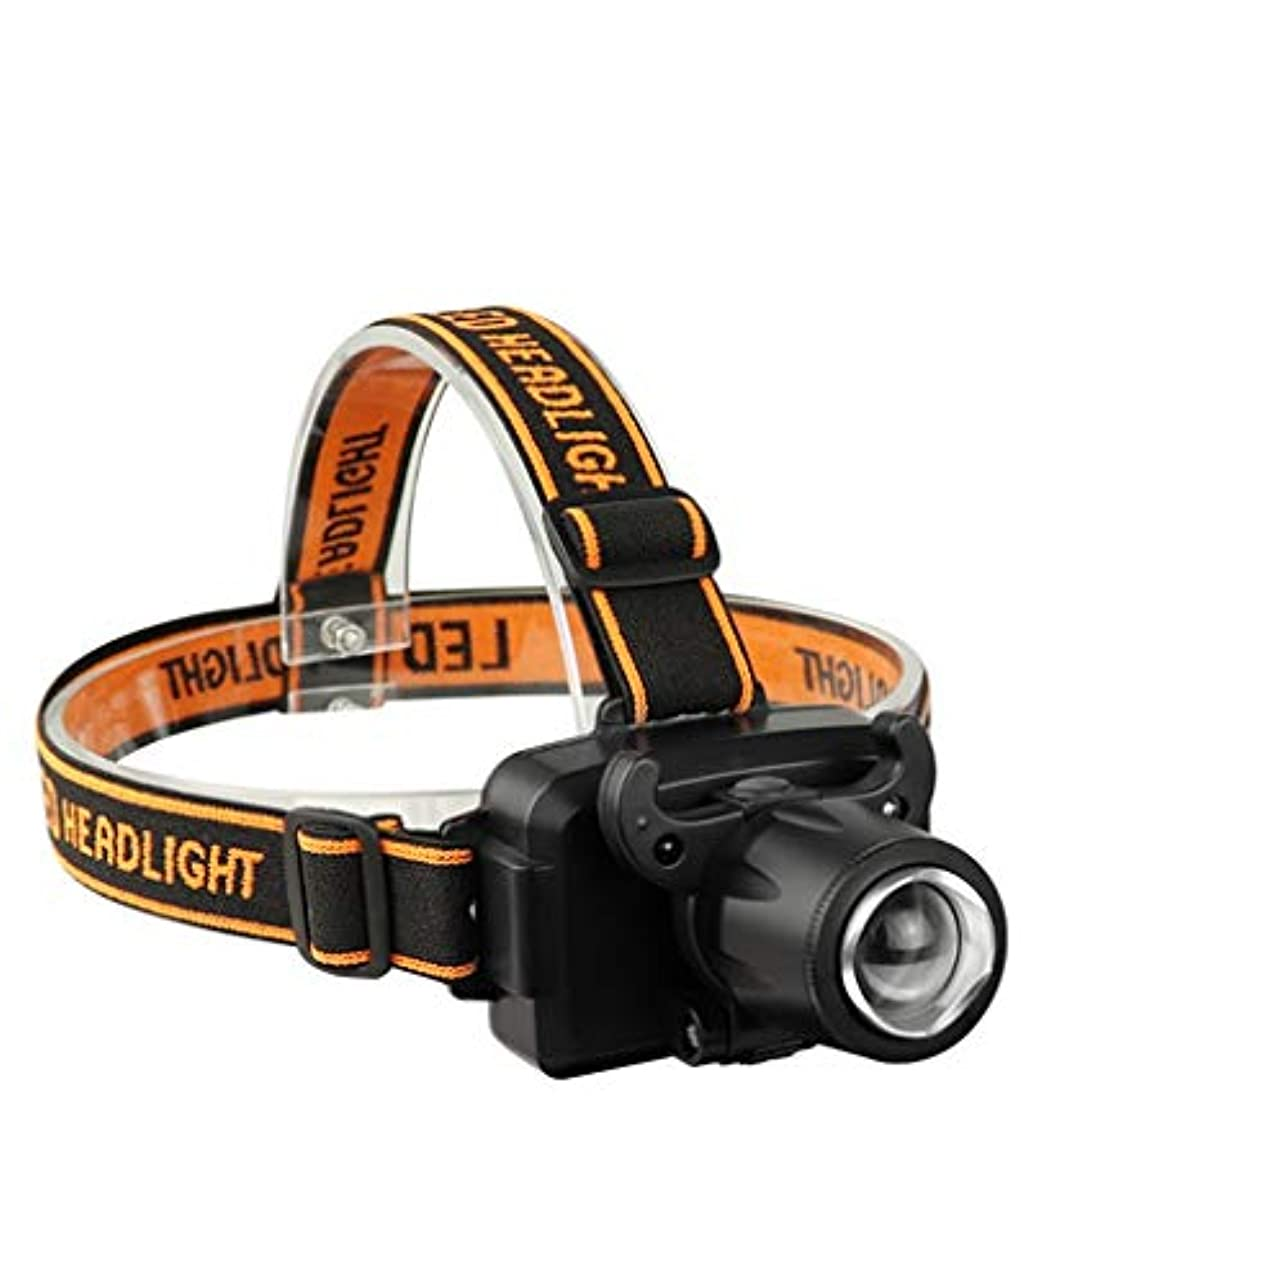 ヘッドライト ランニングキャンプハイキング釣り用ヘッドライト懐中電灯スーパーブライトロングレンジ充電ヘッドマウント誘導ライト led ヘッドライト